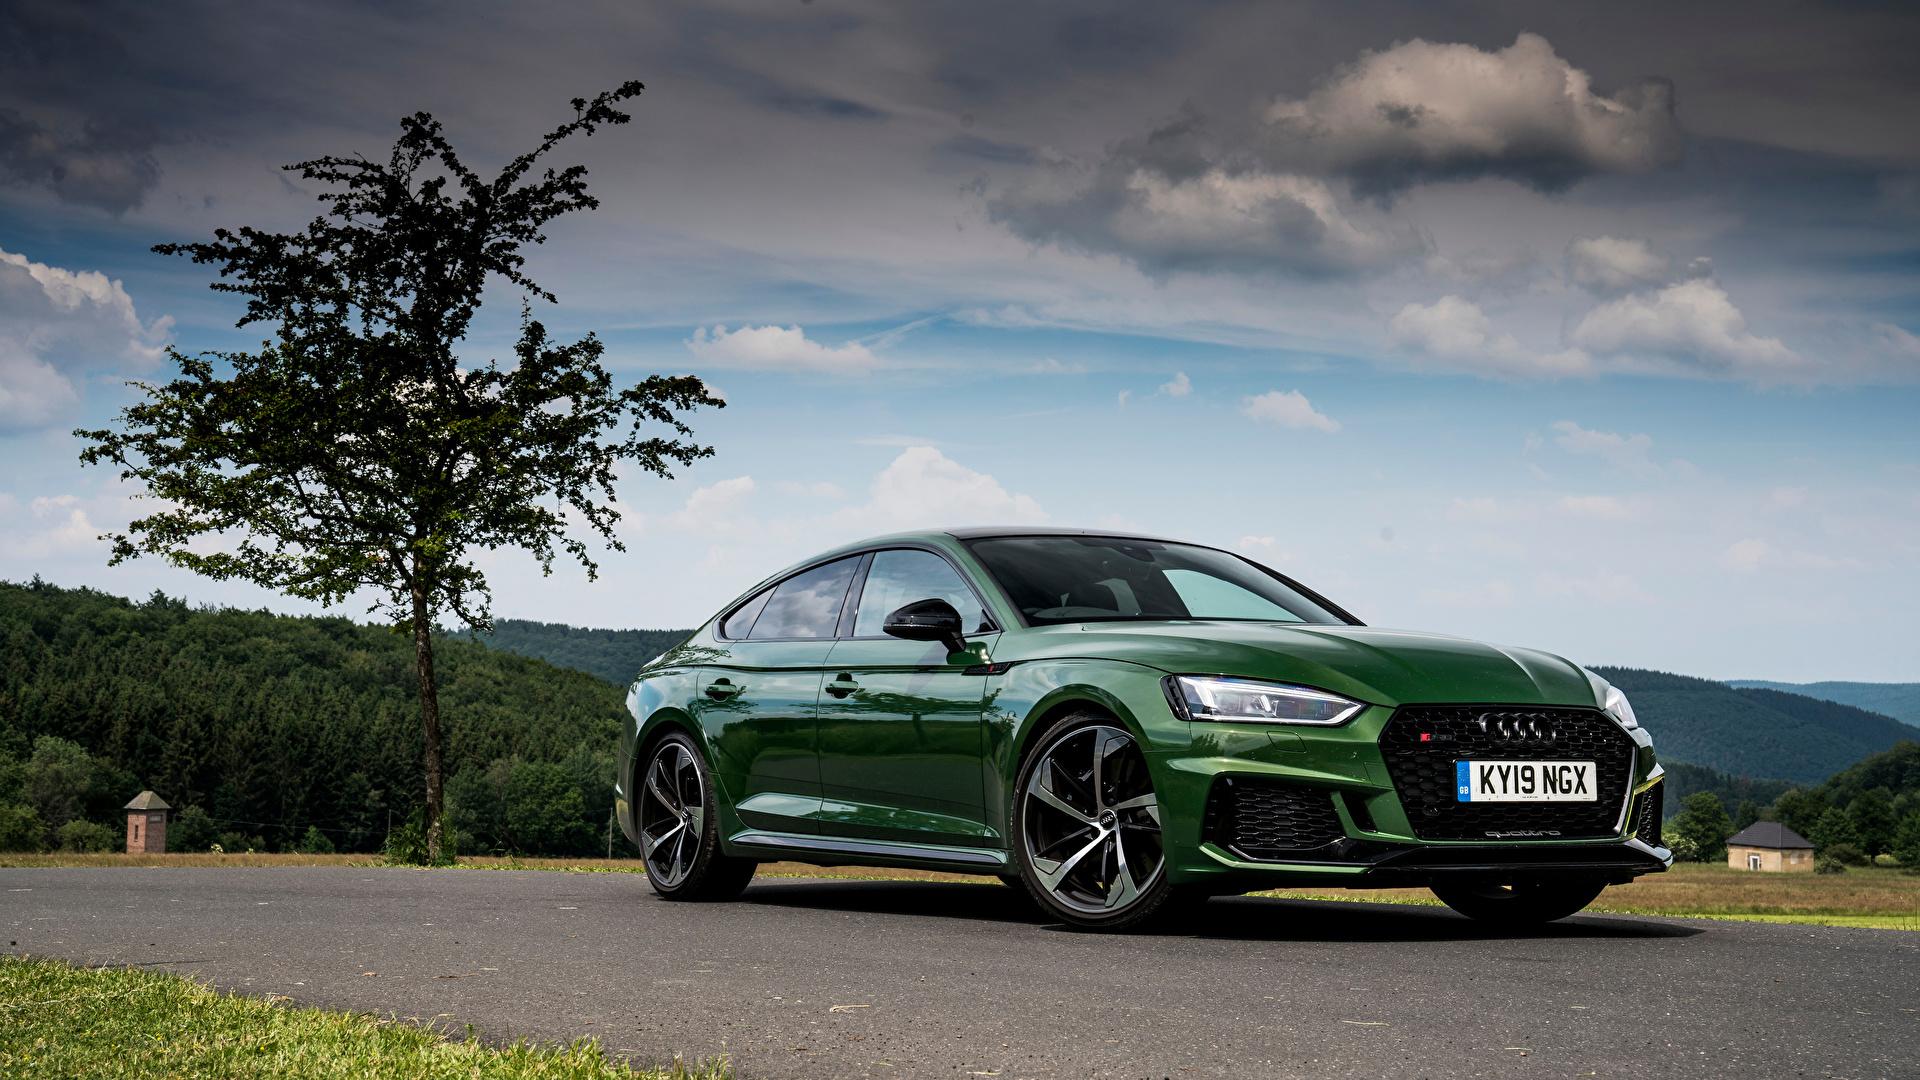 Фото Audi 2019 RS 5 Sportback зеленые авто Металлик 1920x1080 Ауди зеленых Зеленый зеленая машина машины автомобиль Автомобили